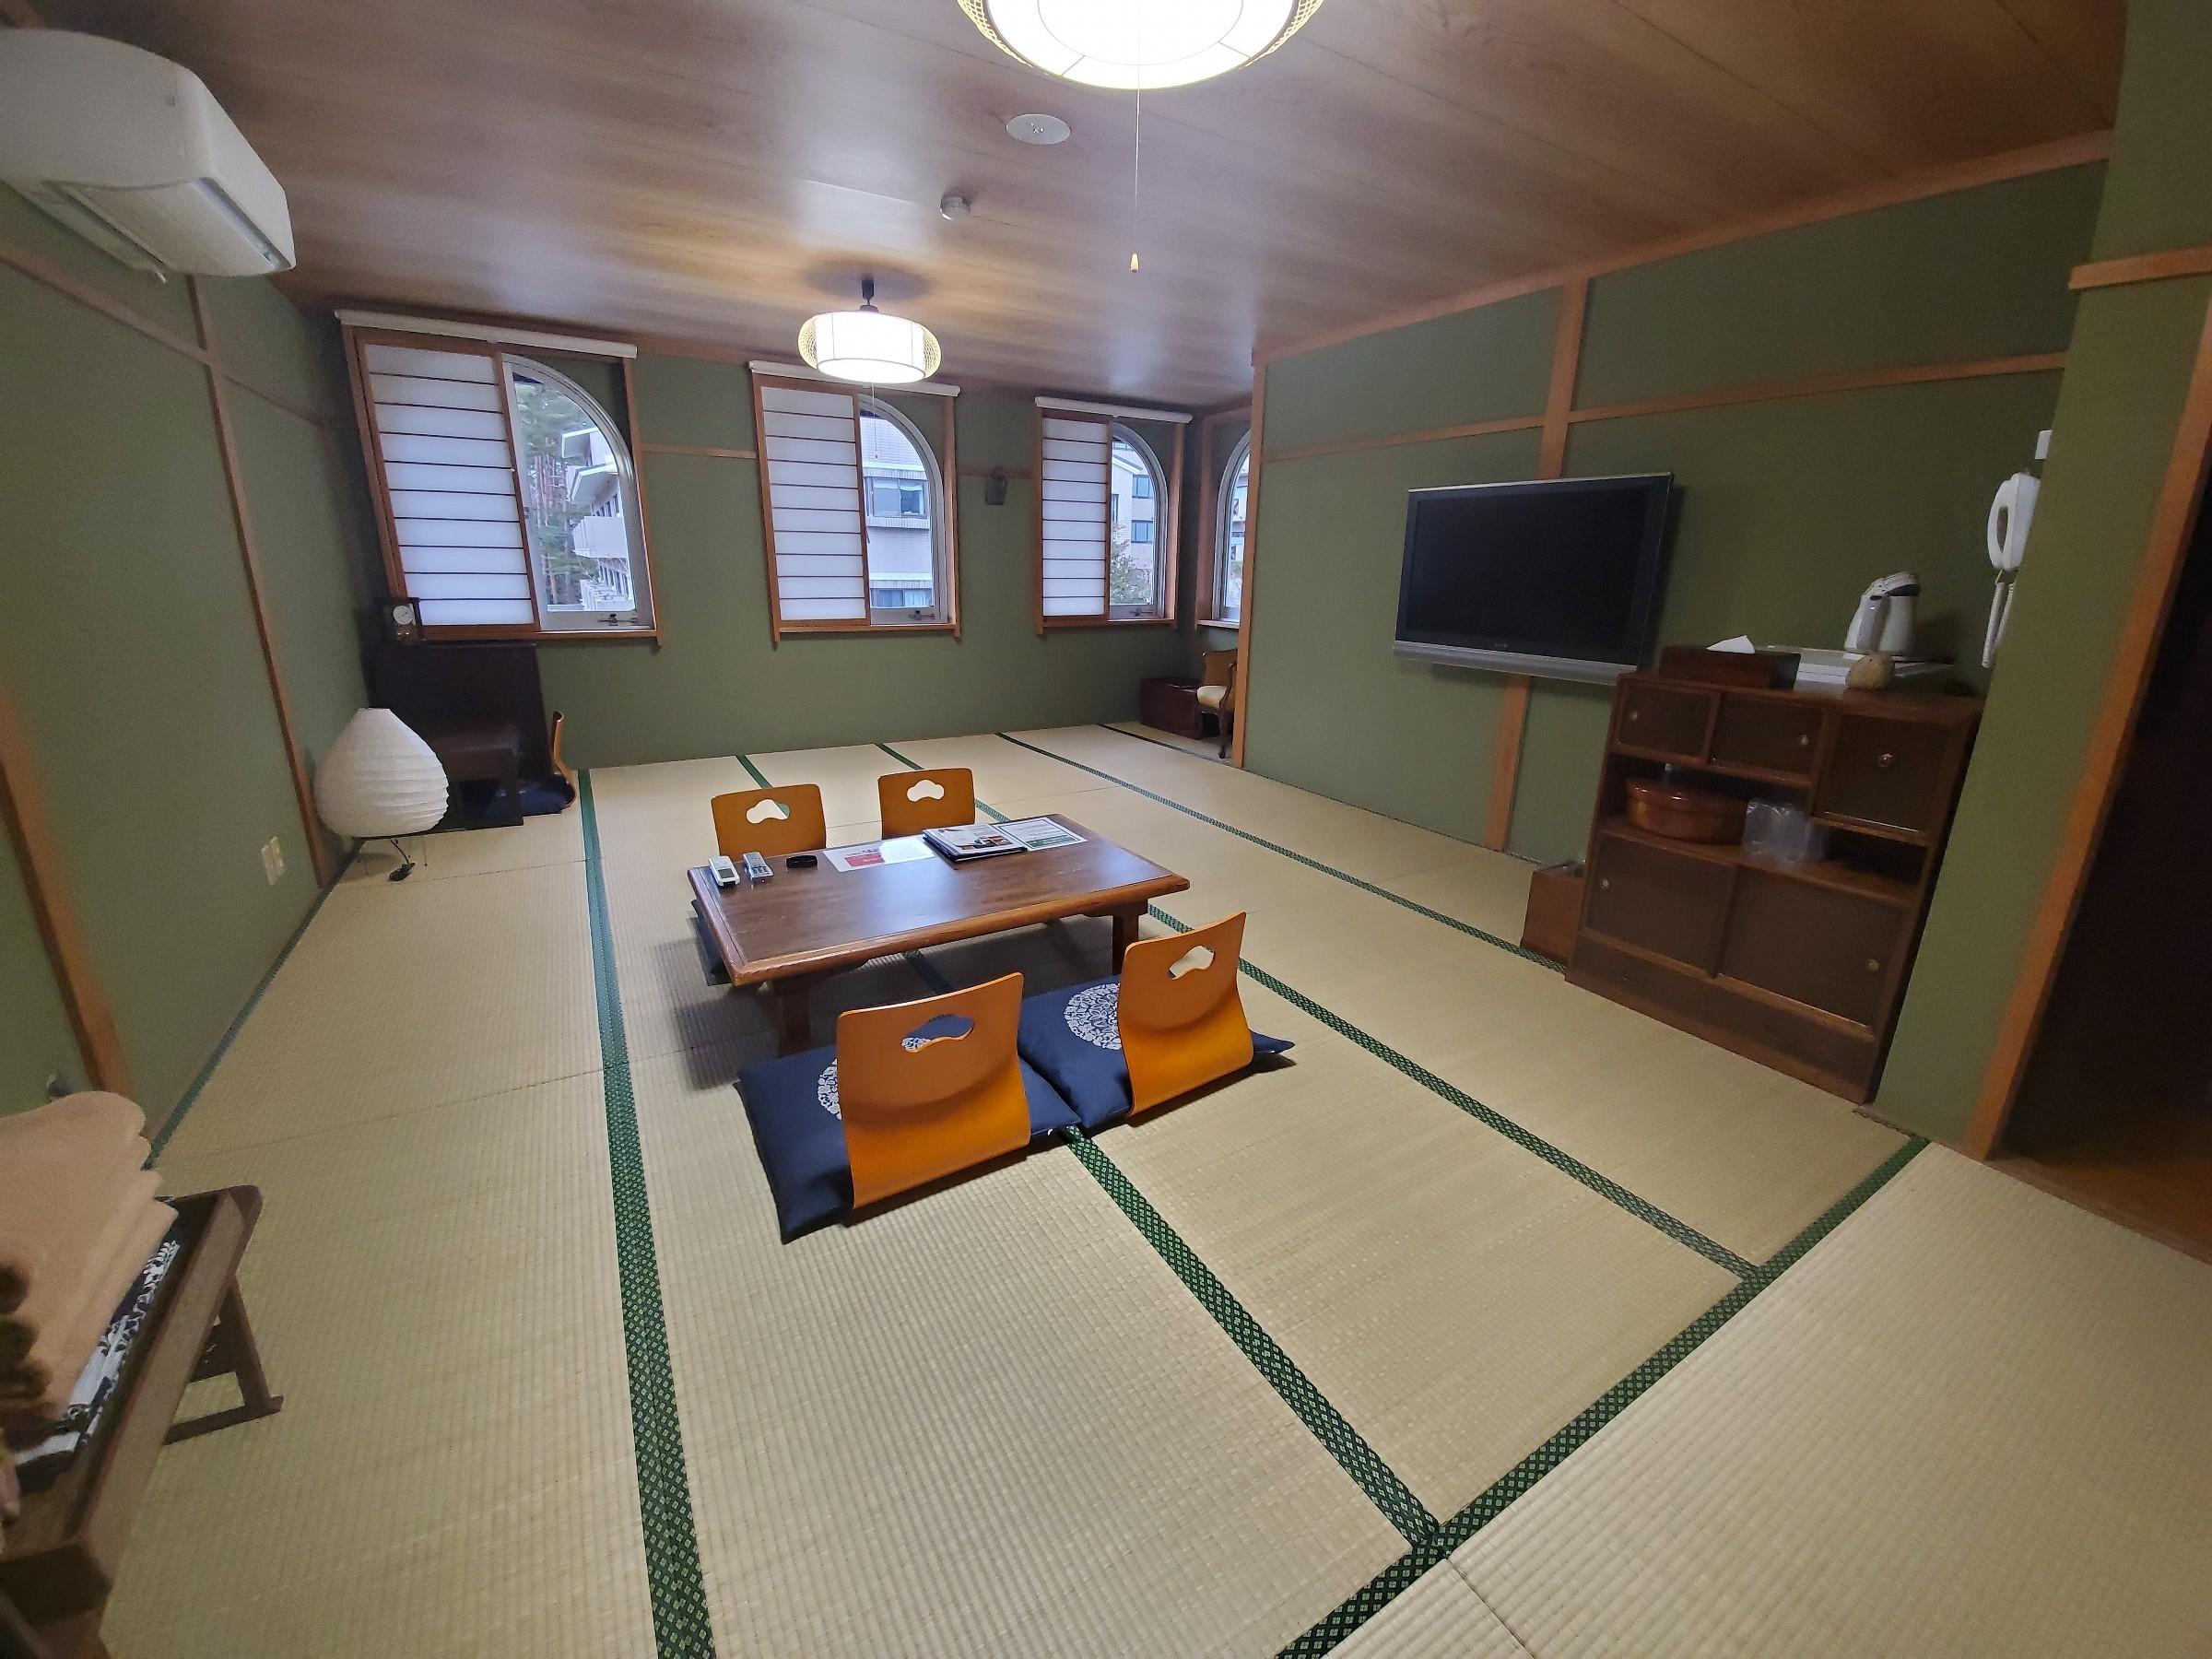 和室 大部屋(18畳)1室